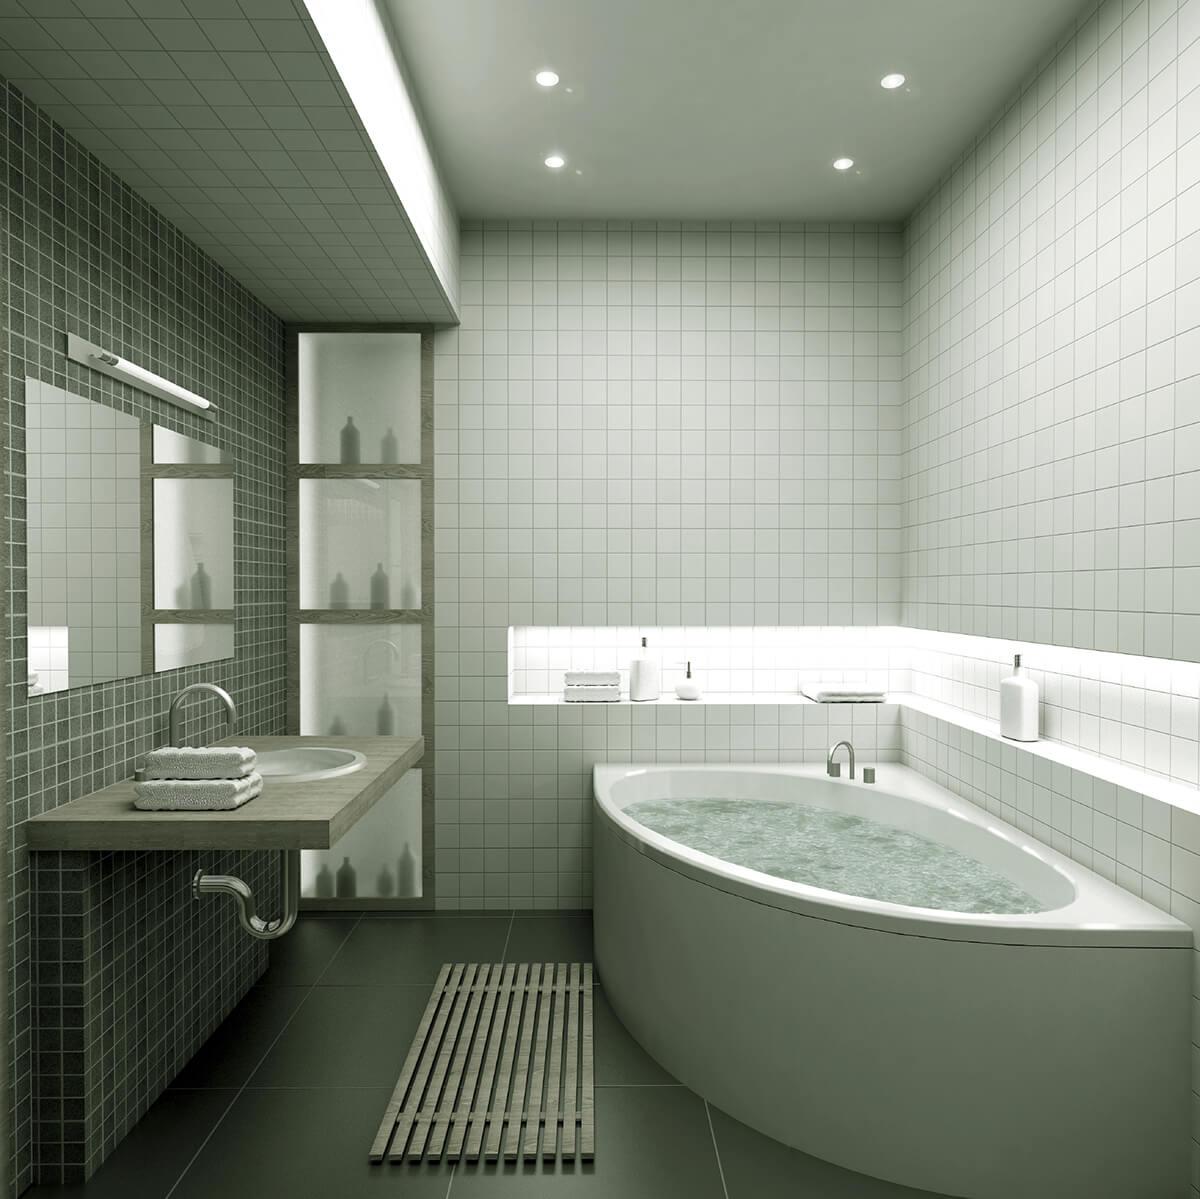 дизайн потолков из гипсокартона фото для ванной комнаты